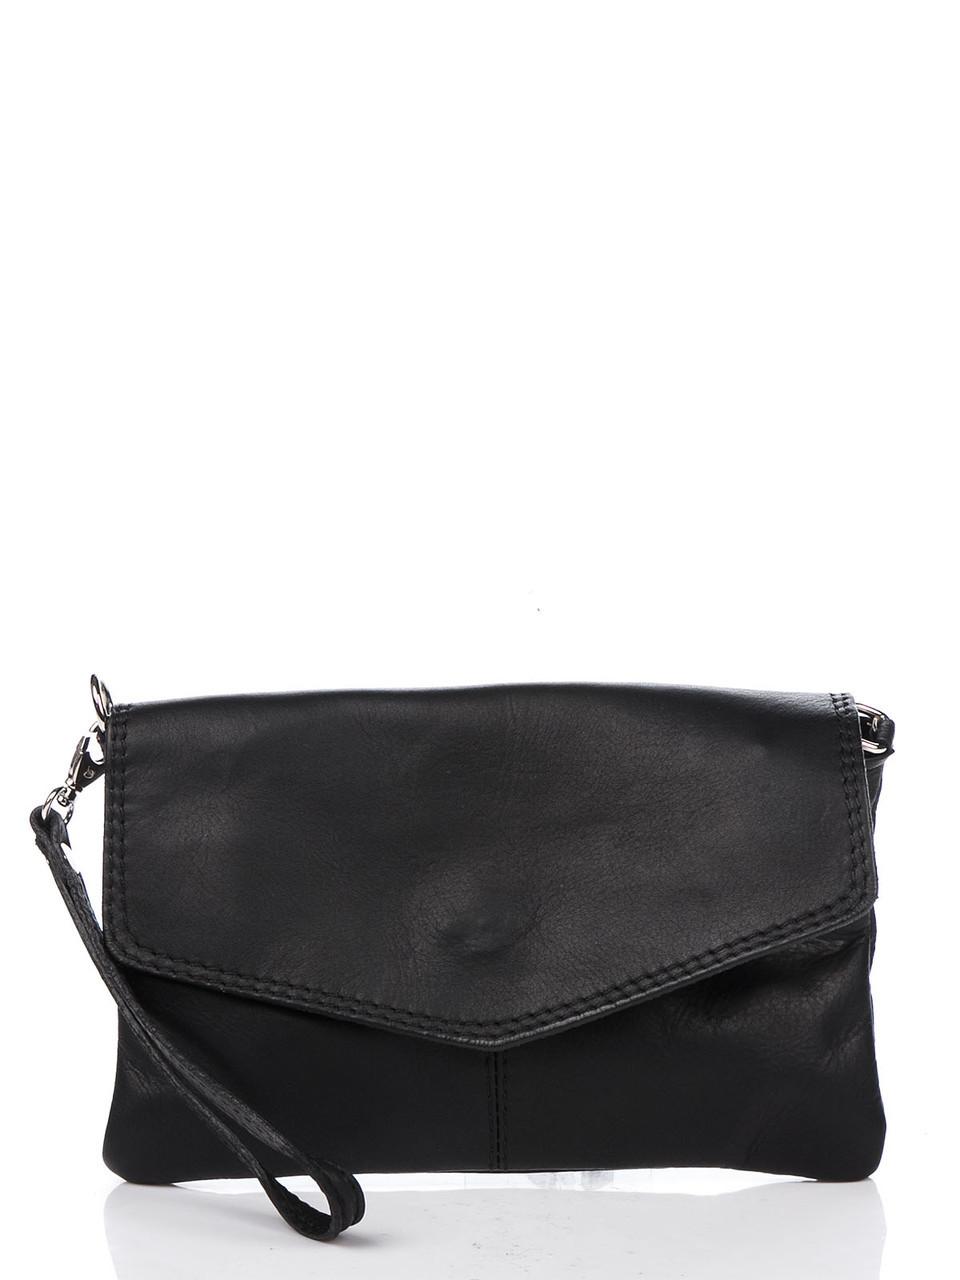 Итальянская сумка DIANA Diva's Bag цвет черный